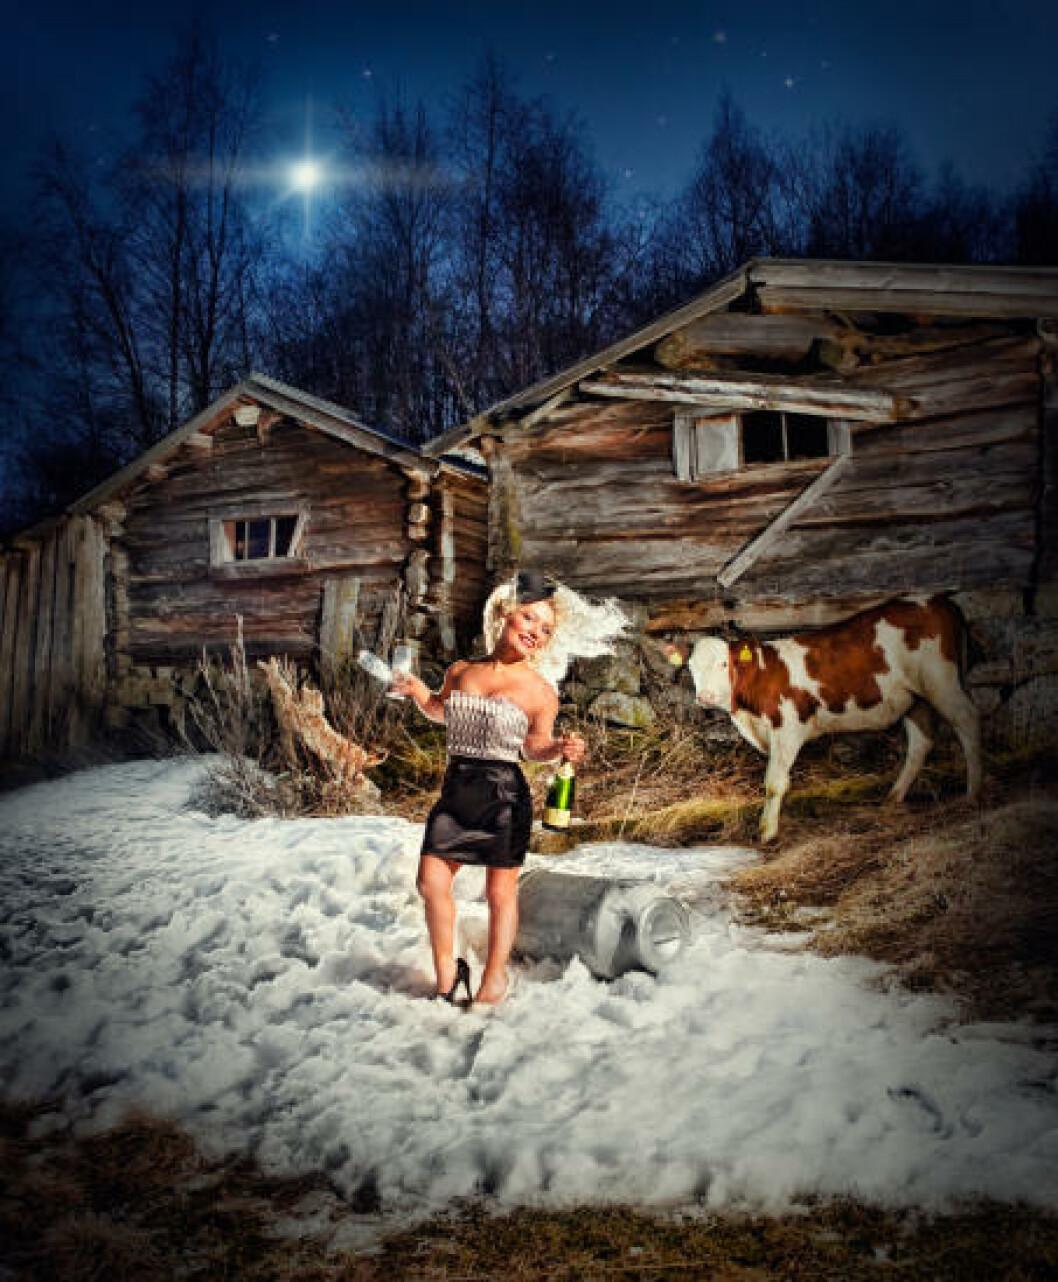 <strong>ALTERNATIV DYREOMSORG:</strong> Sandra Nygård Borch (24) fra Lavangen. Foto: Cahtrine Dokken.